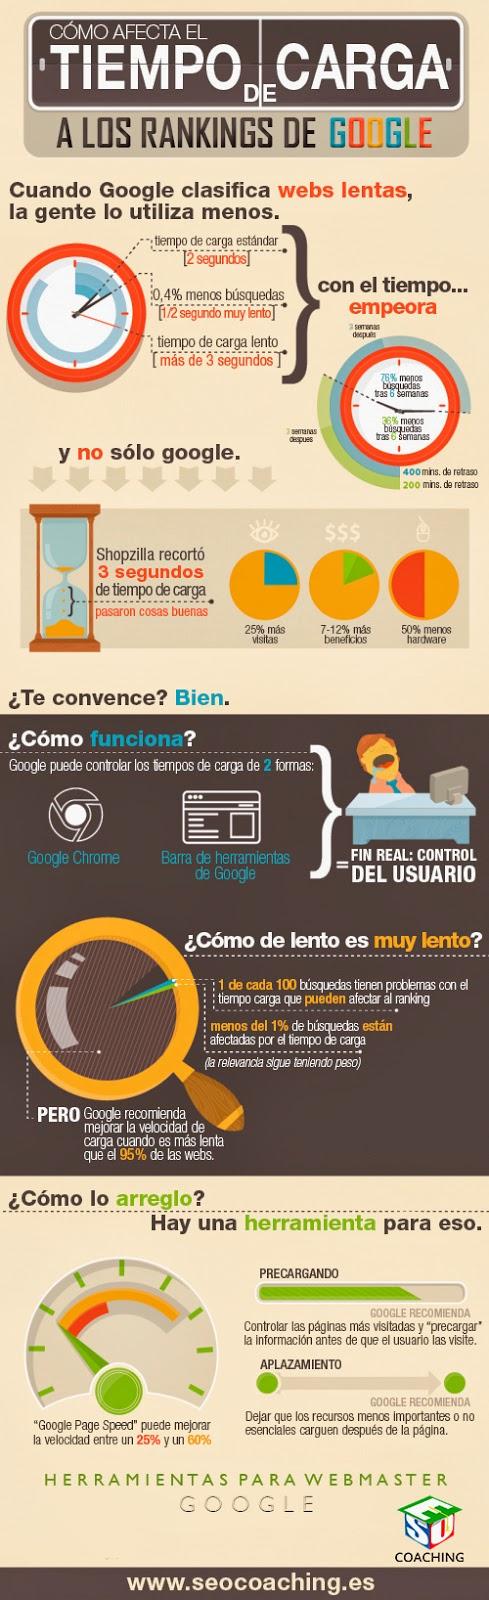 Infografía: Cómo afecta el tiempo de carga de mi sitio web a los rankings de google.